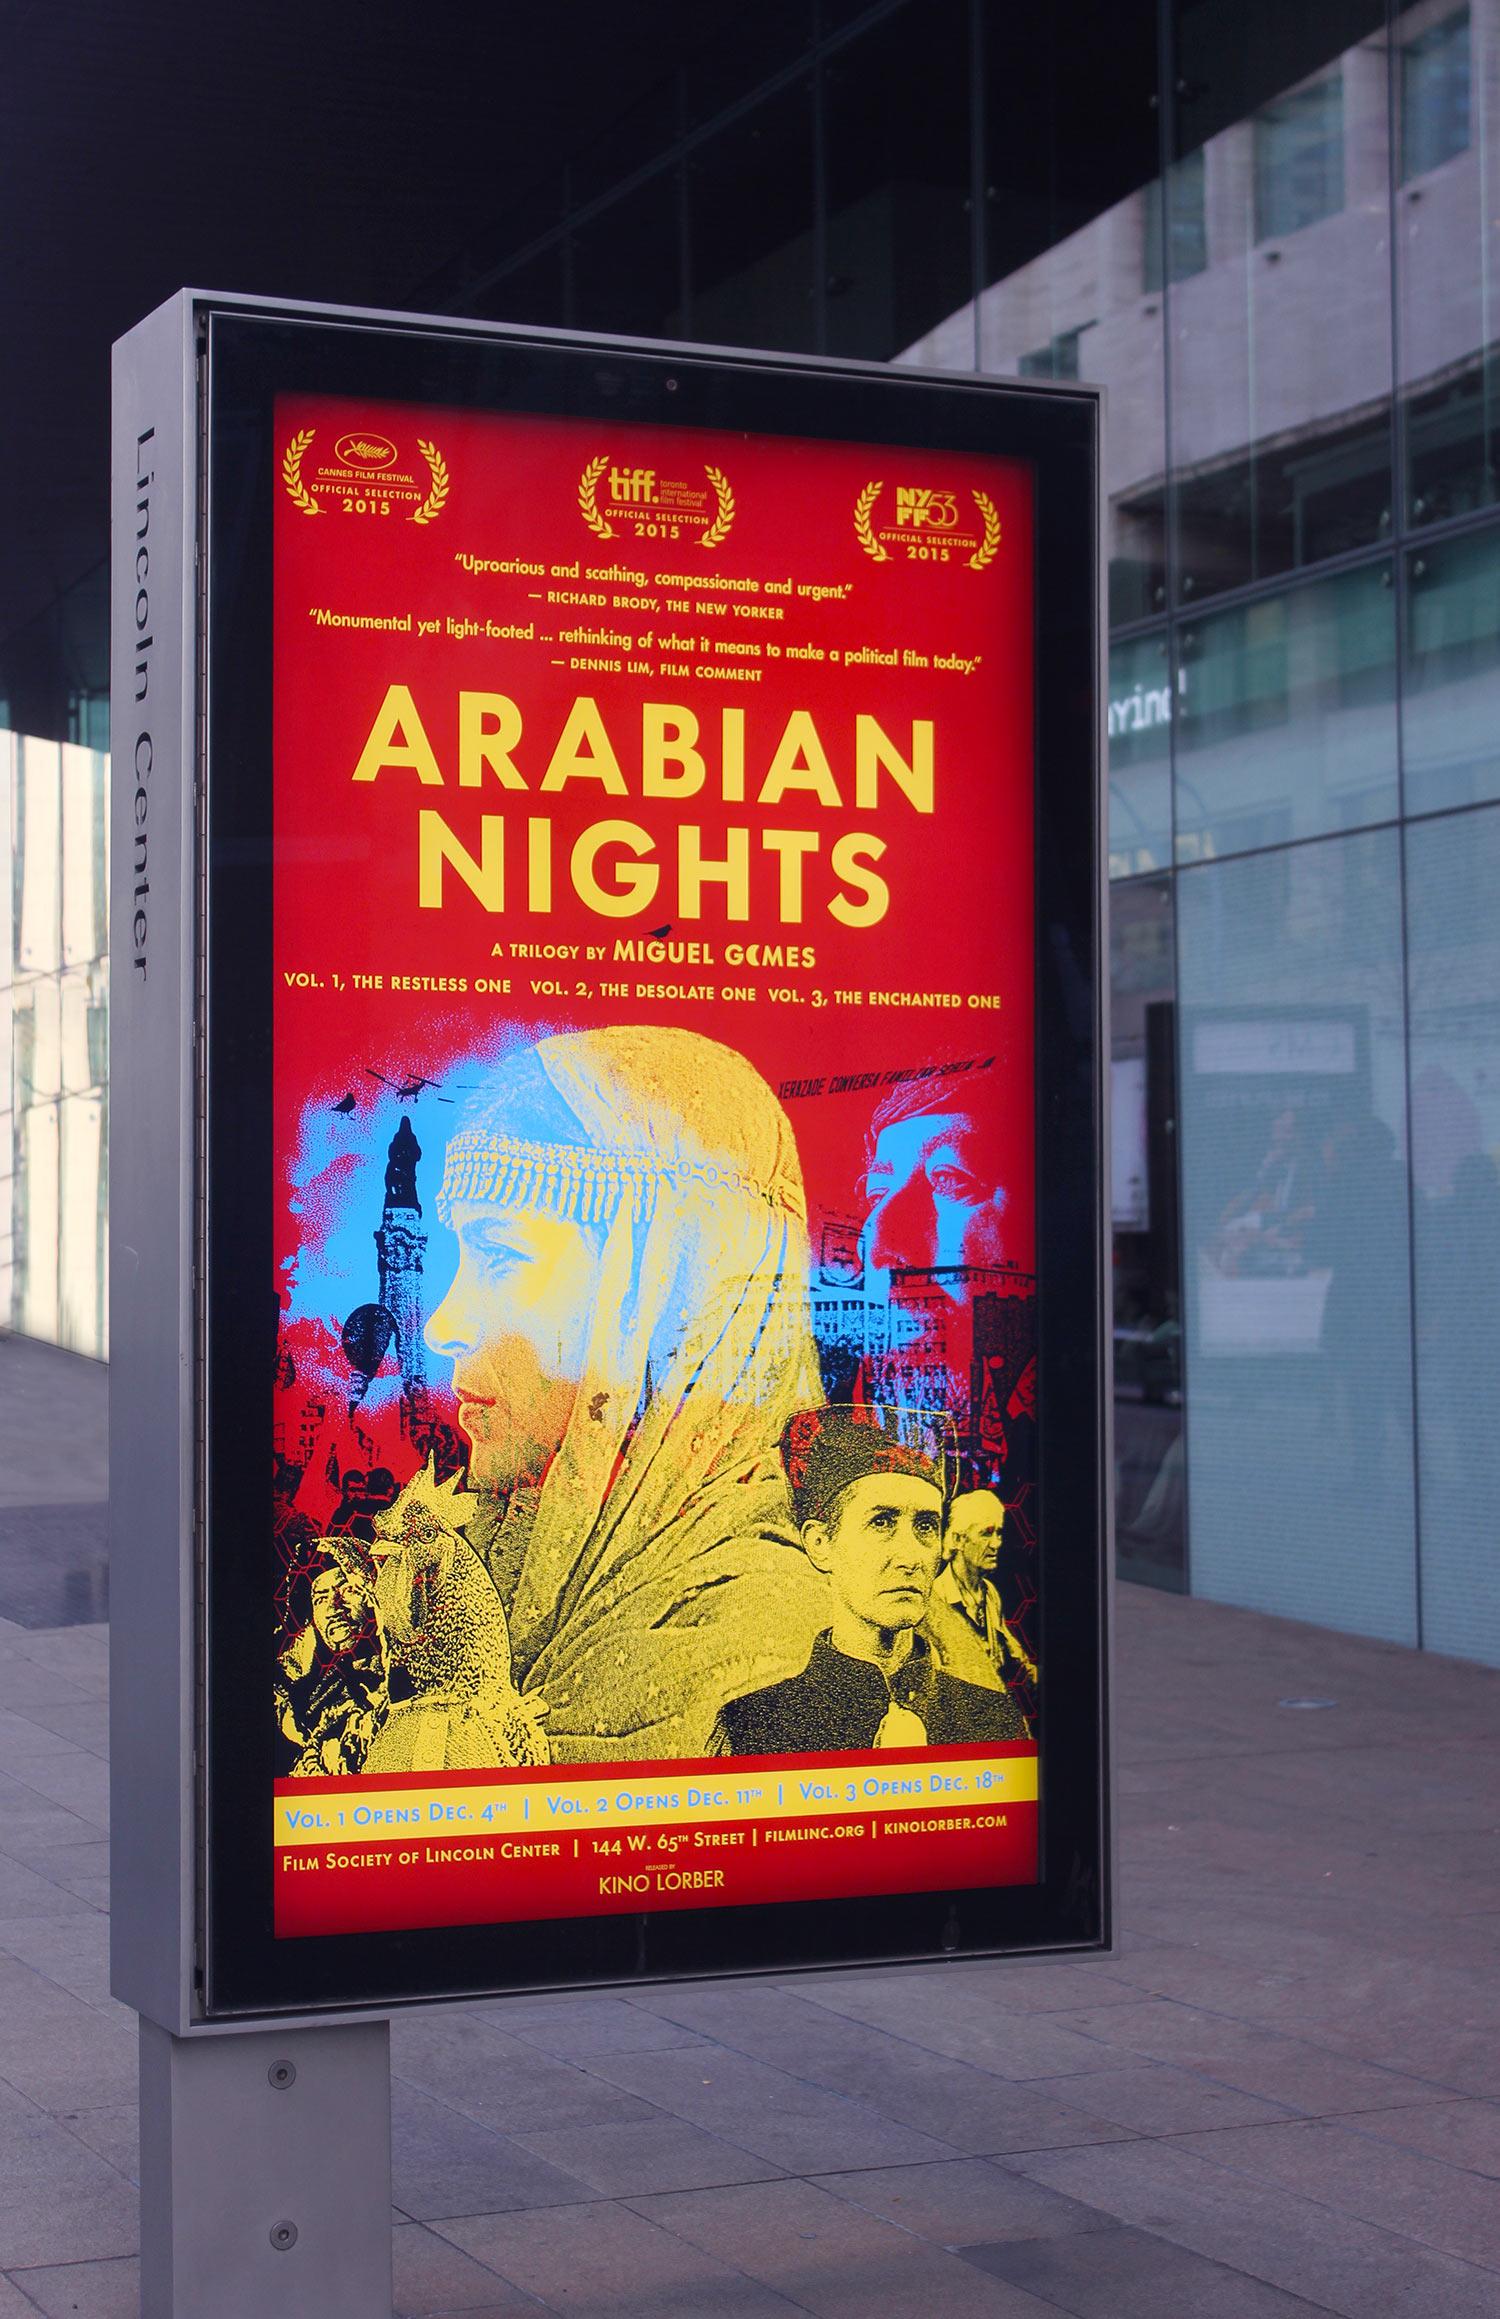 ArabianNights_PosterDisplay_vertical_web.jpg